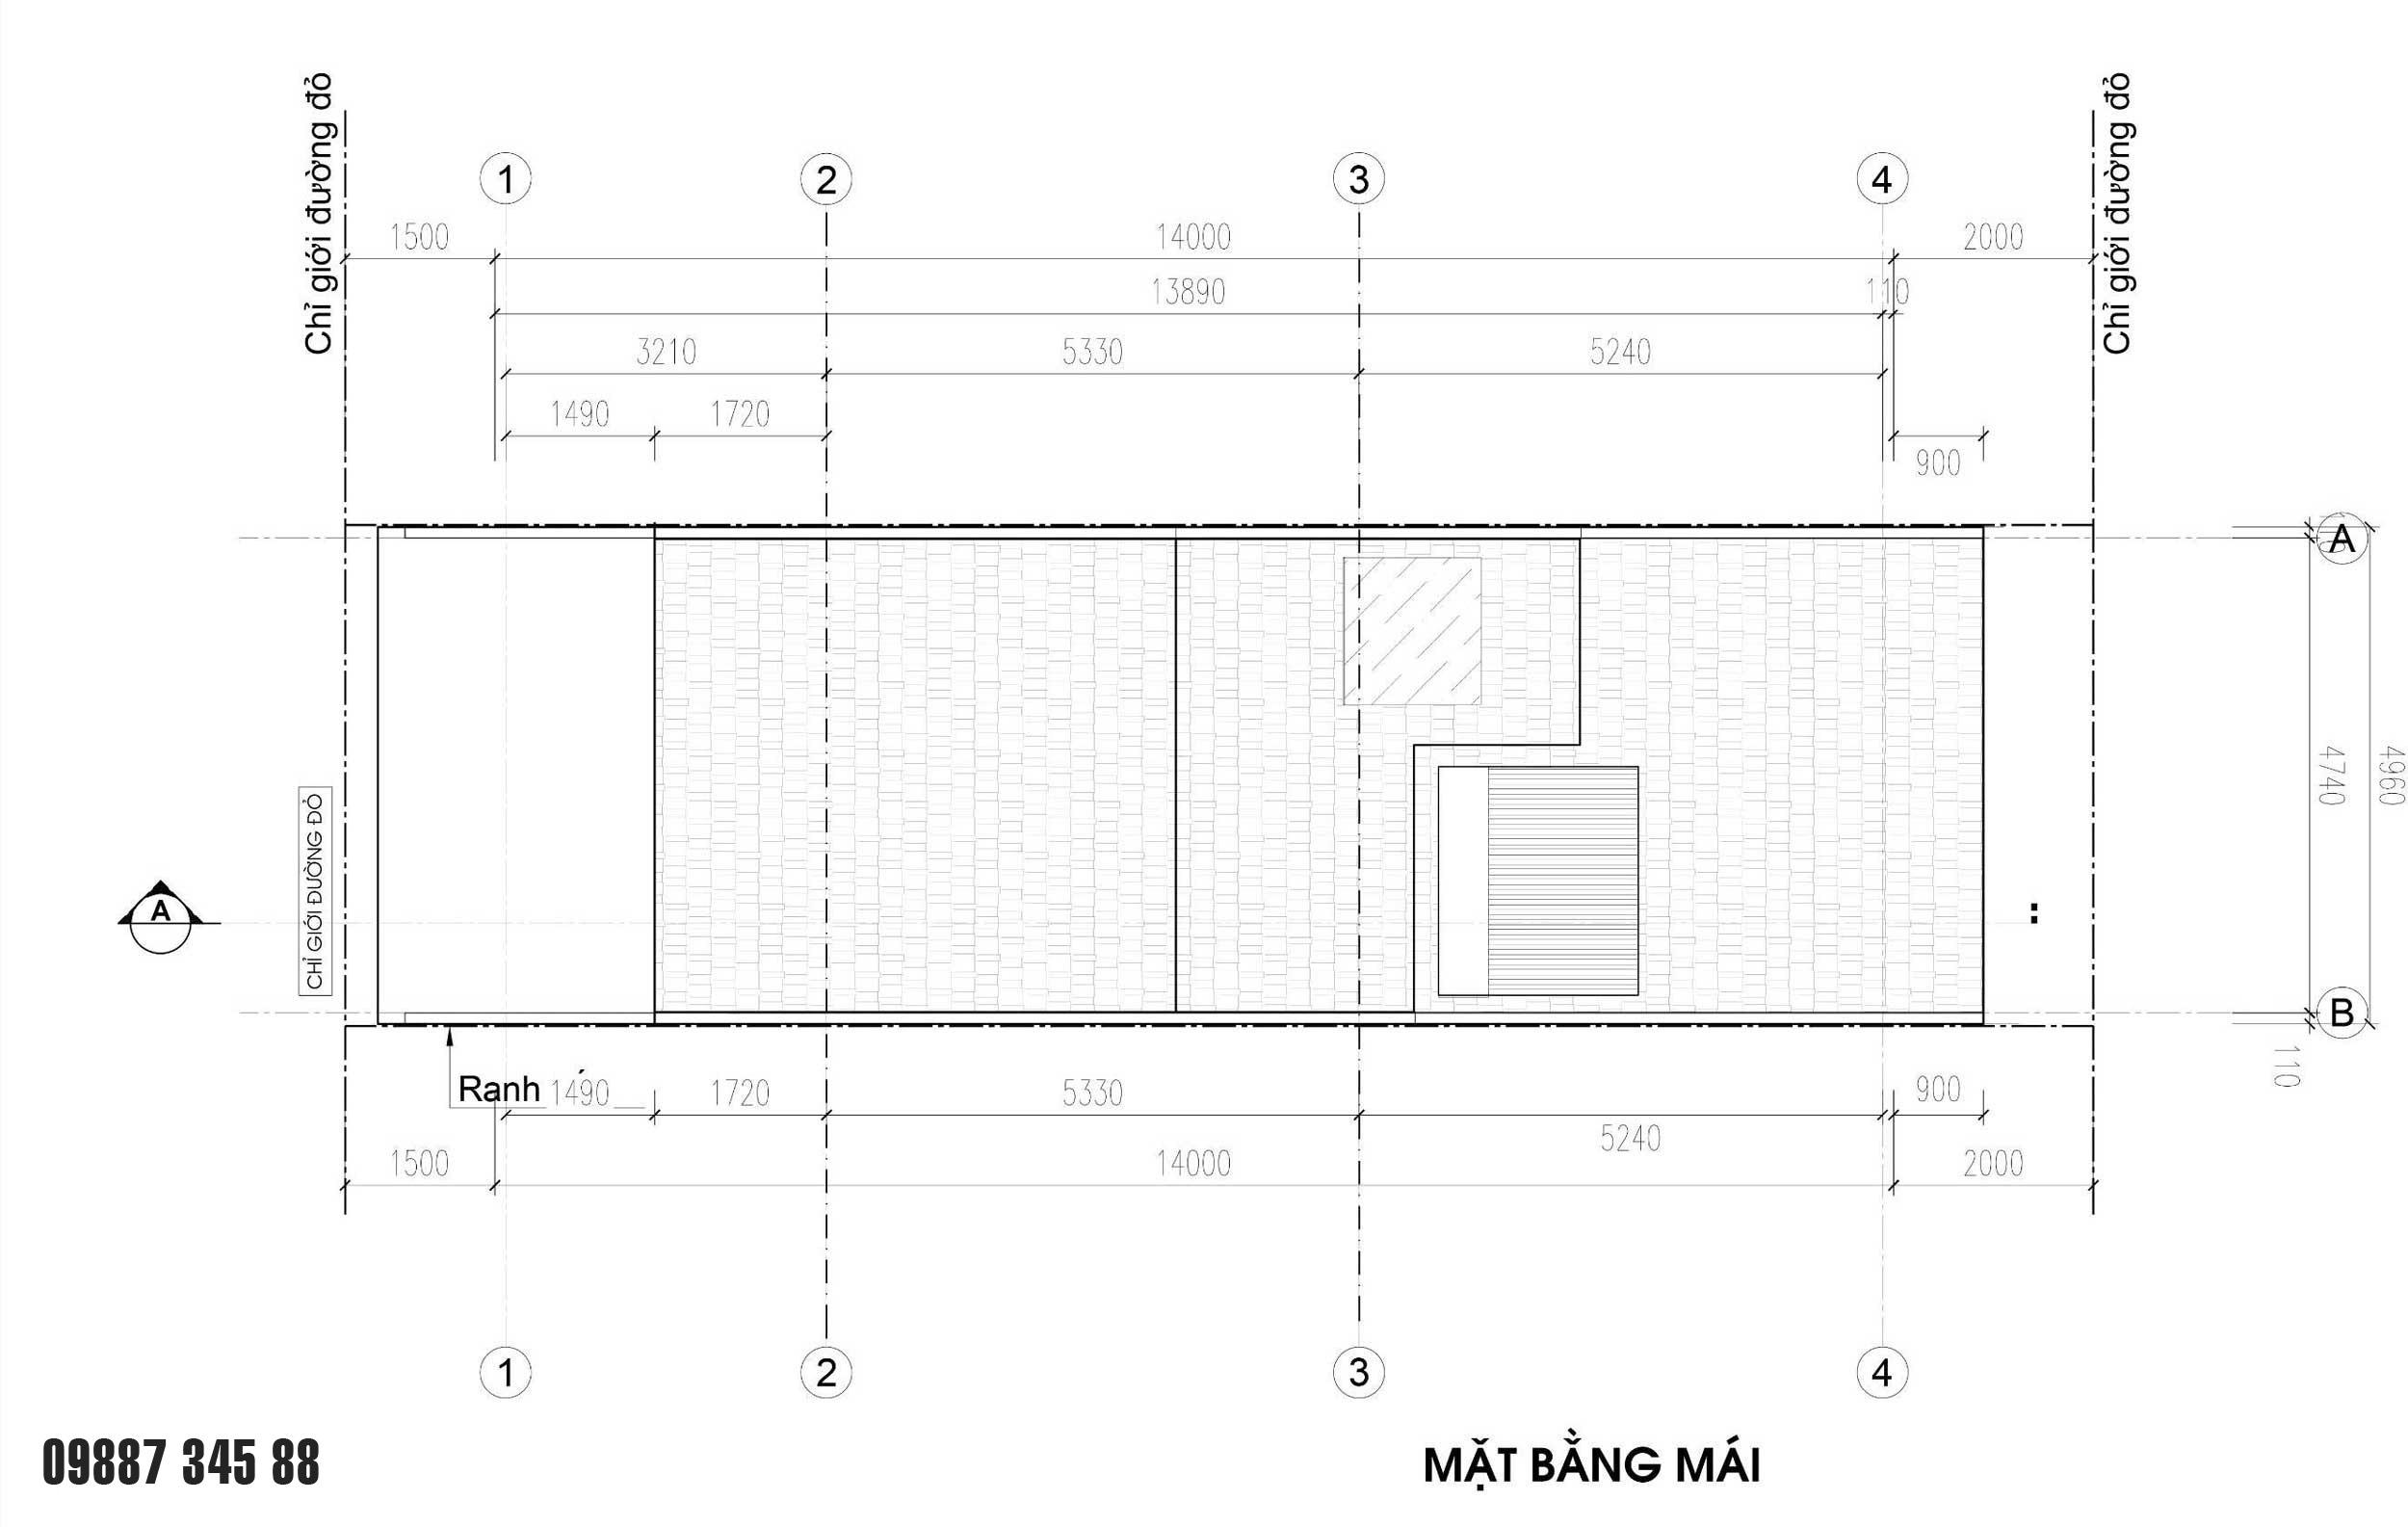 Mặt bằng tầng mái - nhà phố góc Thủy Trúc(05x17,5m)